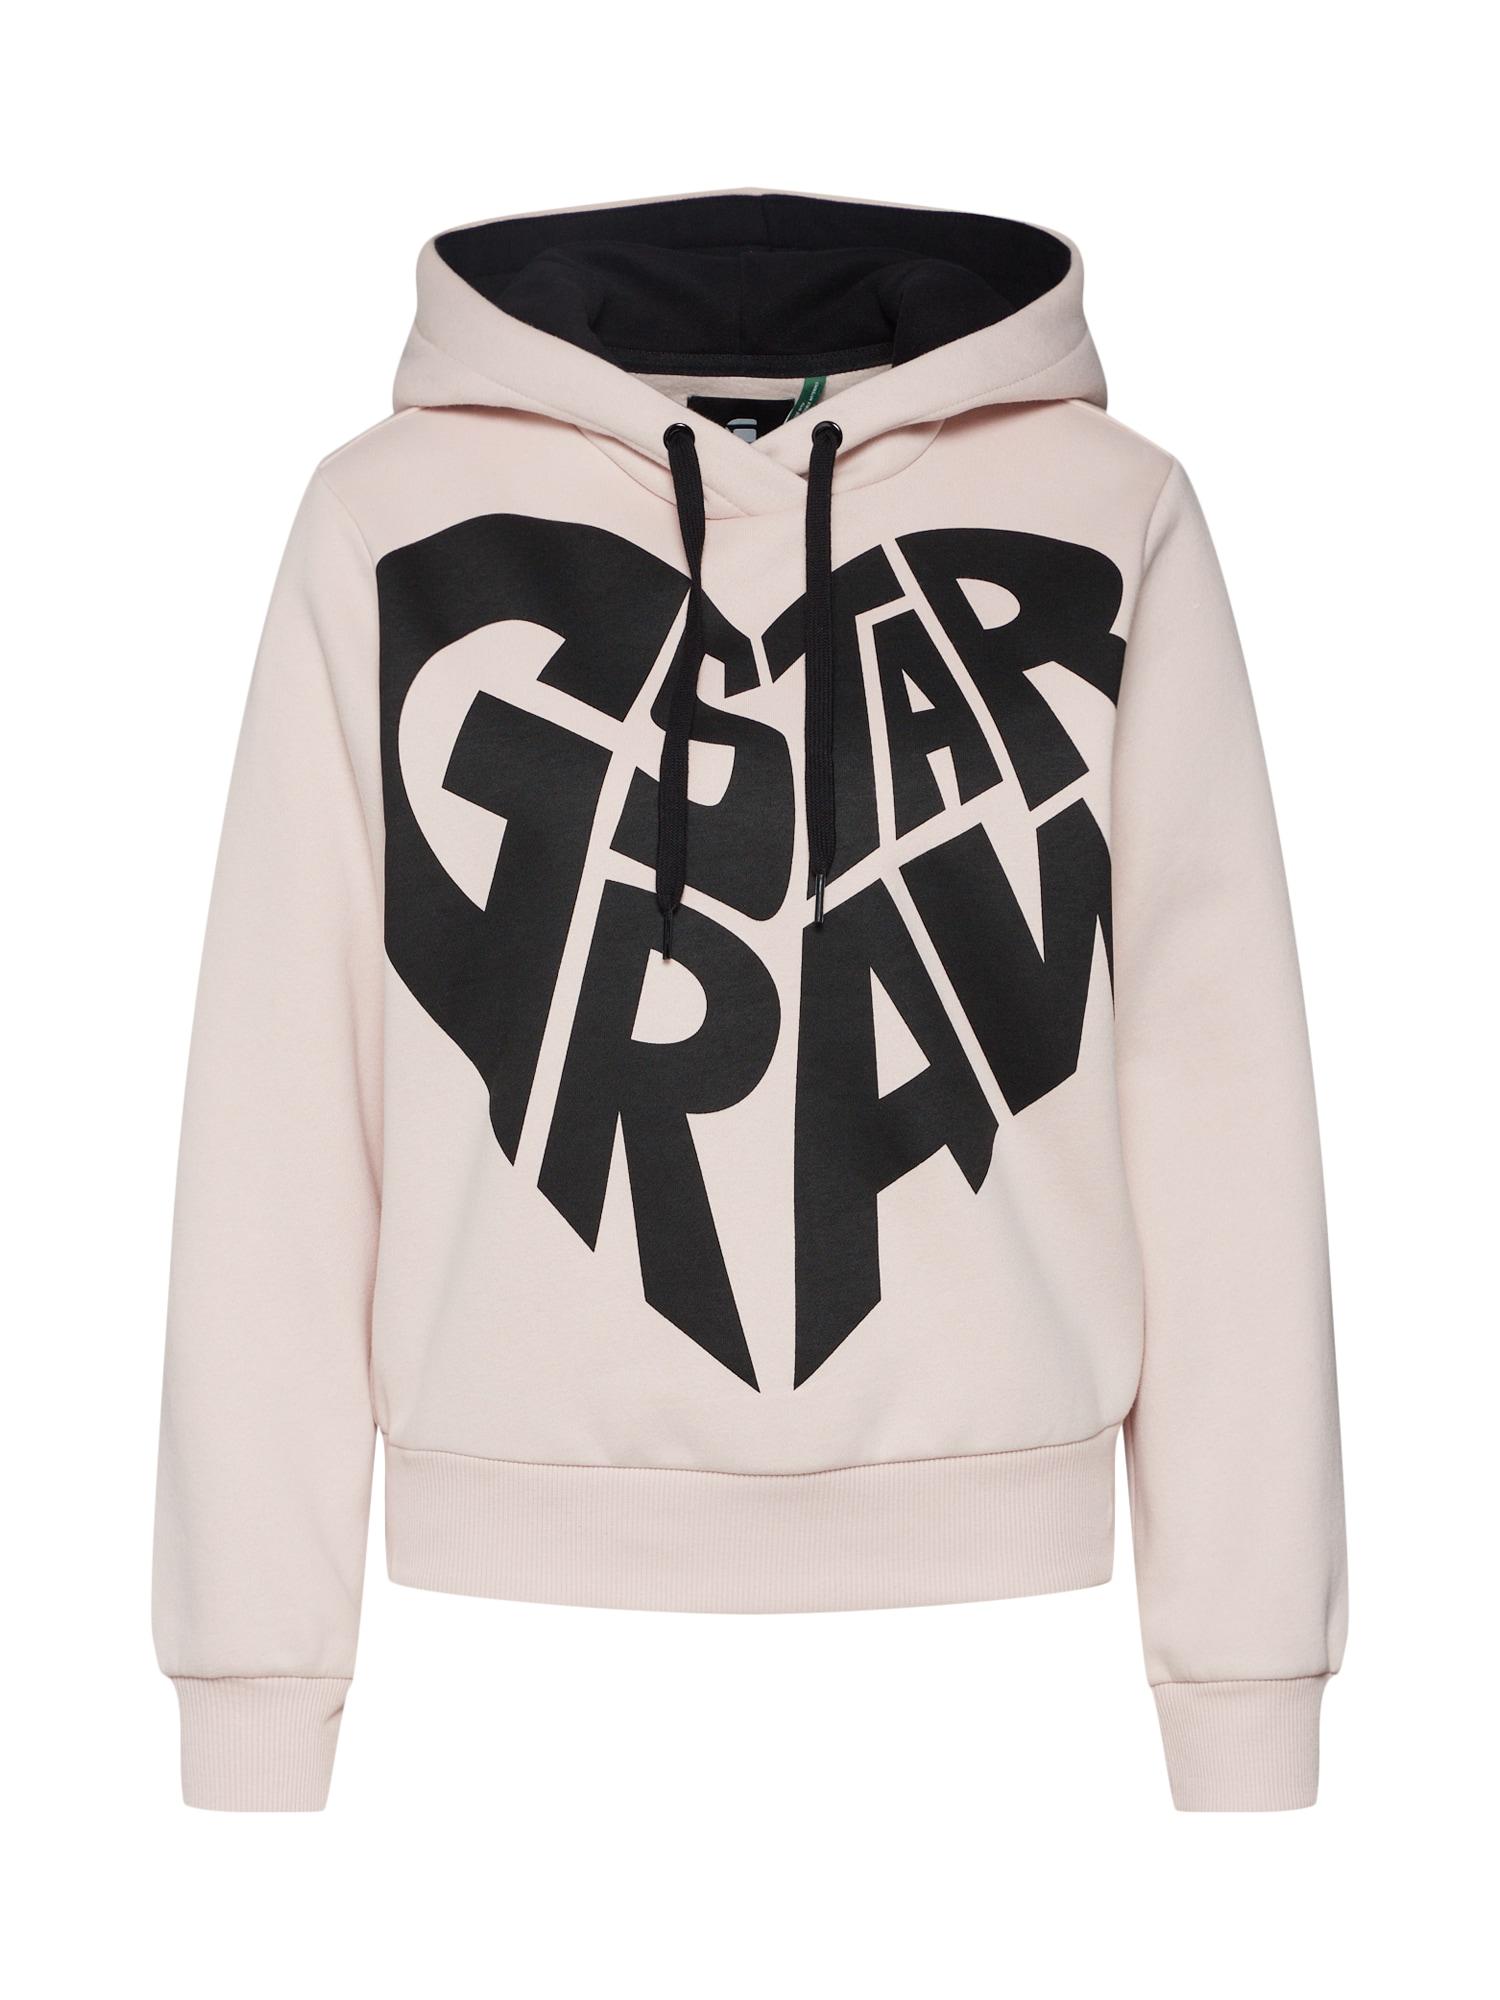 G-STAR RAW, Dames Sweatshirt 'Graphic 50 xzula hdd sw wmn ls', rosa